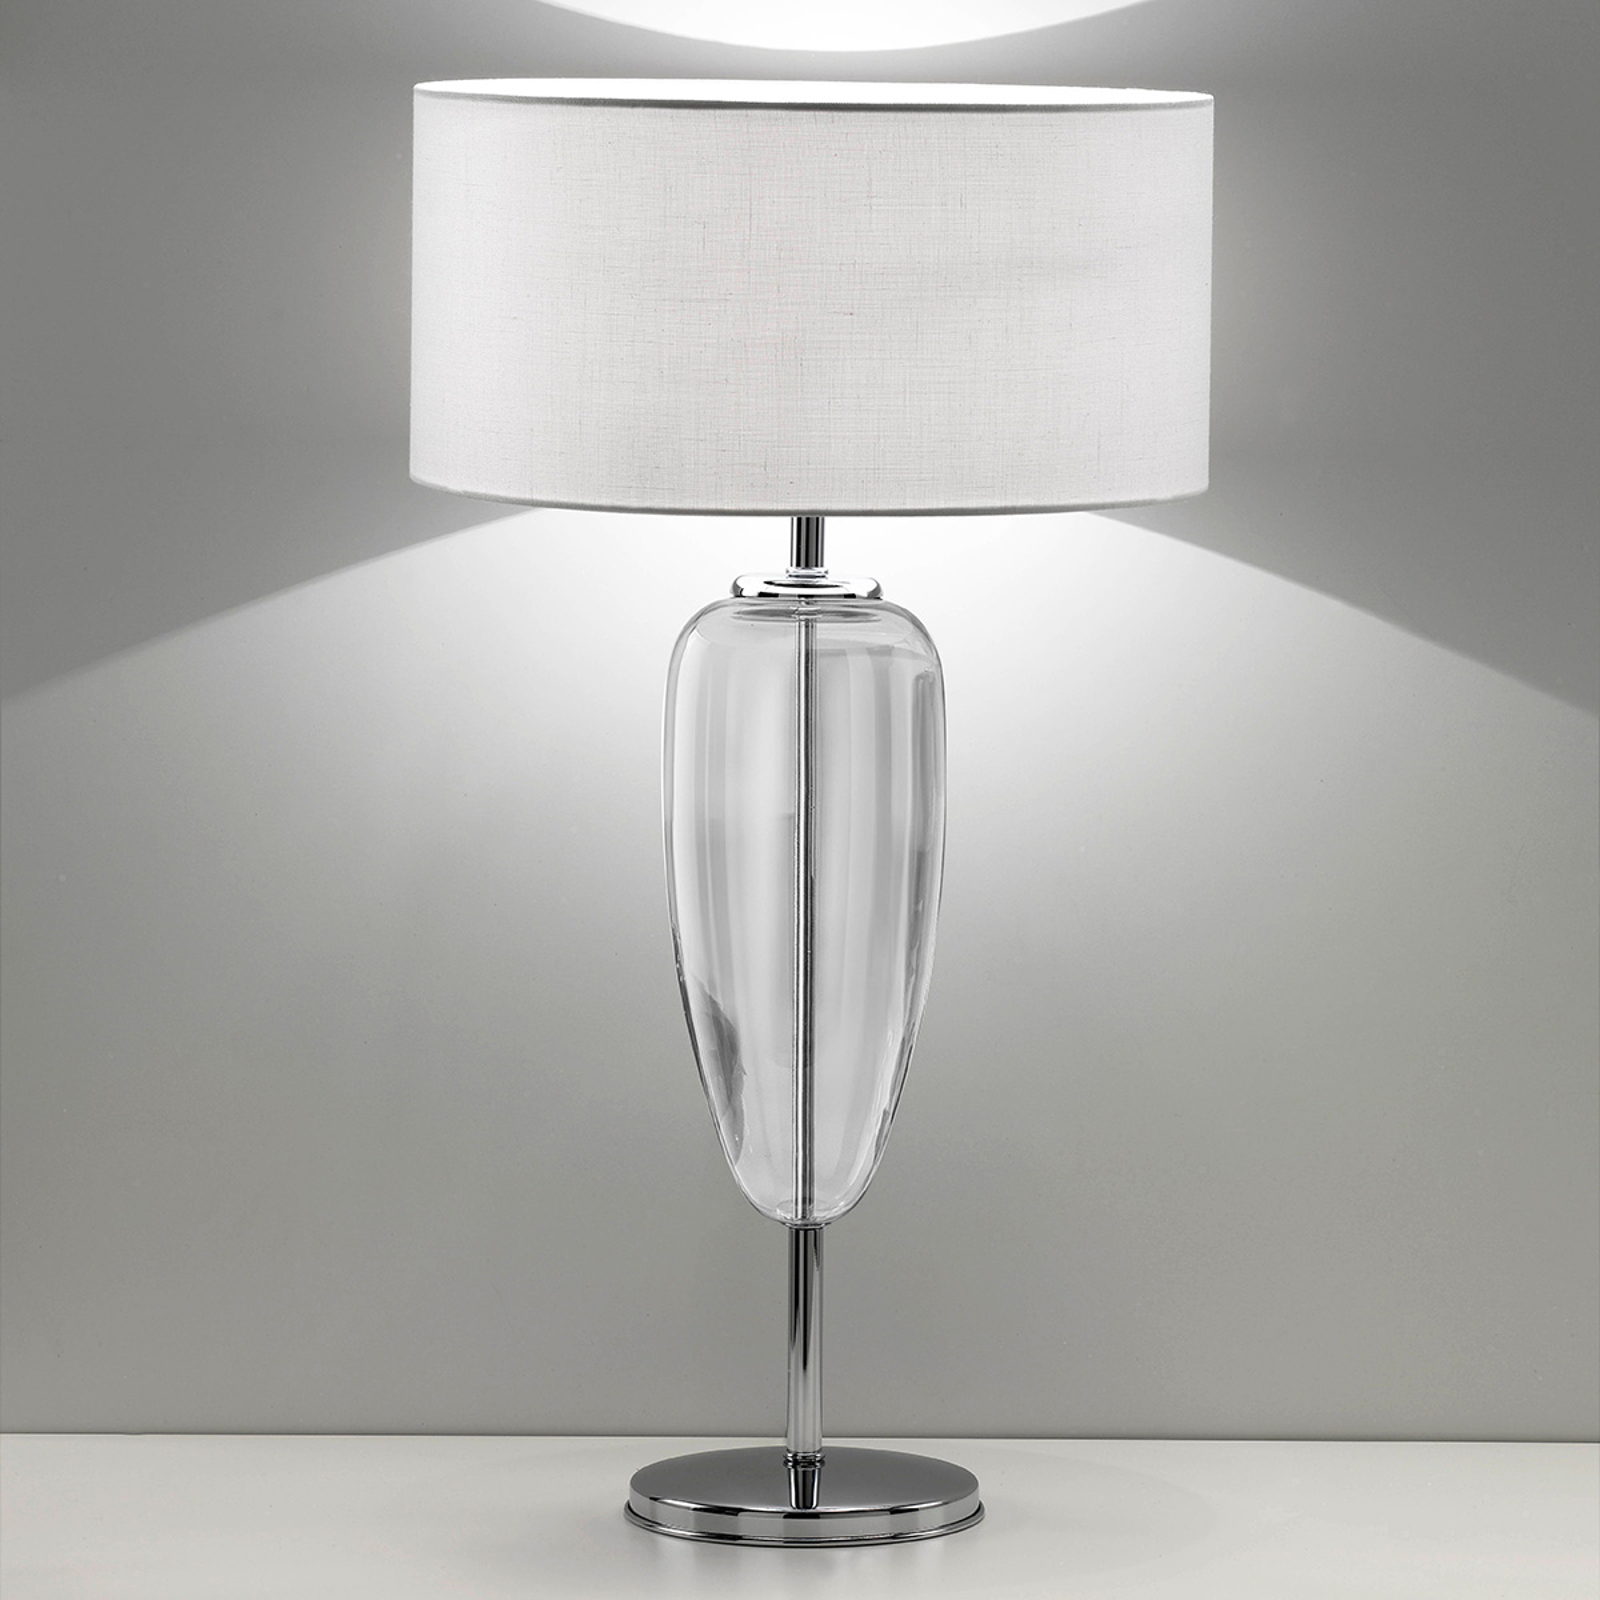 Tafellamp Ogiva 82 cm helder glaselement